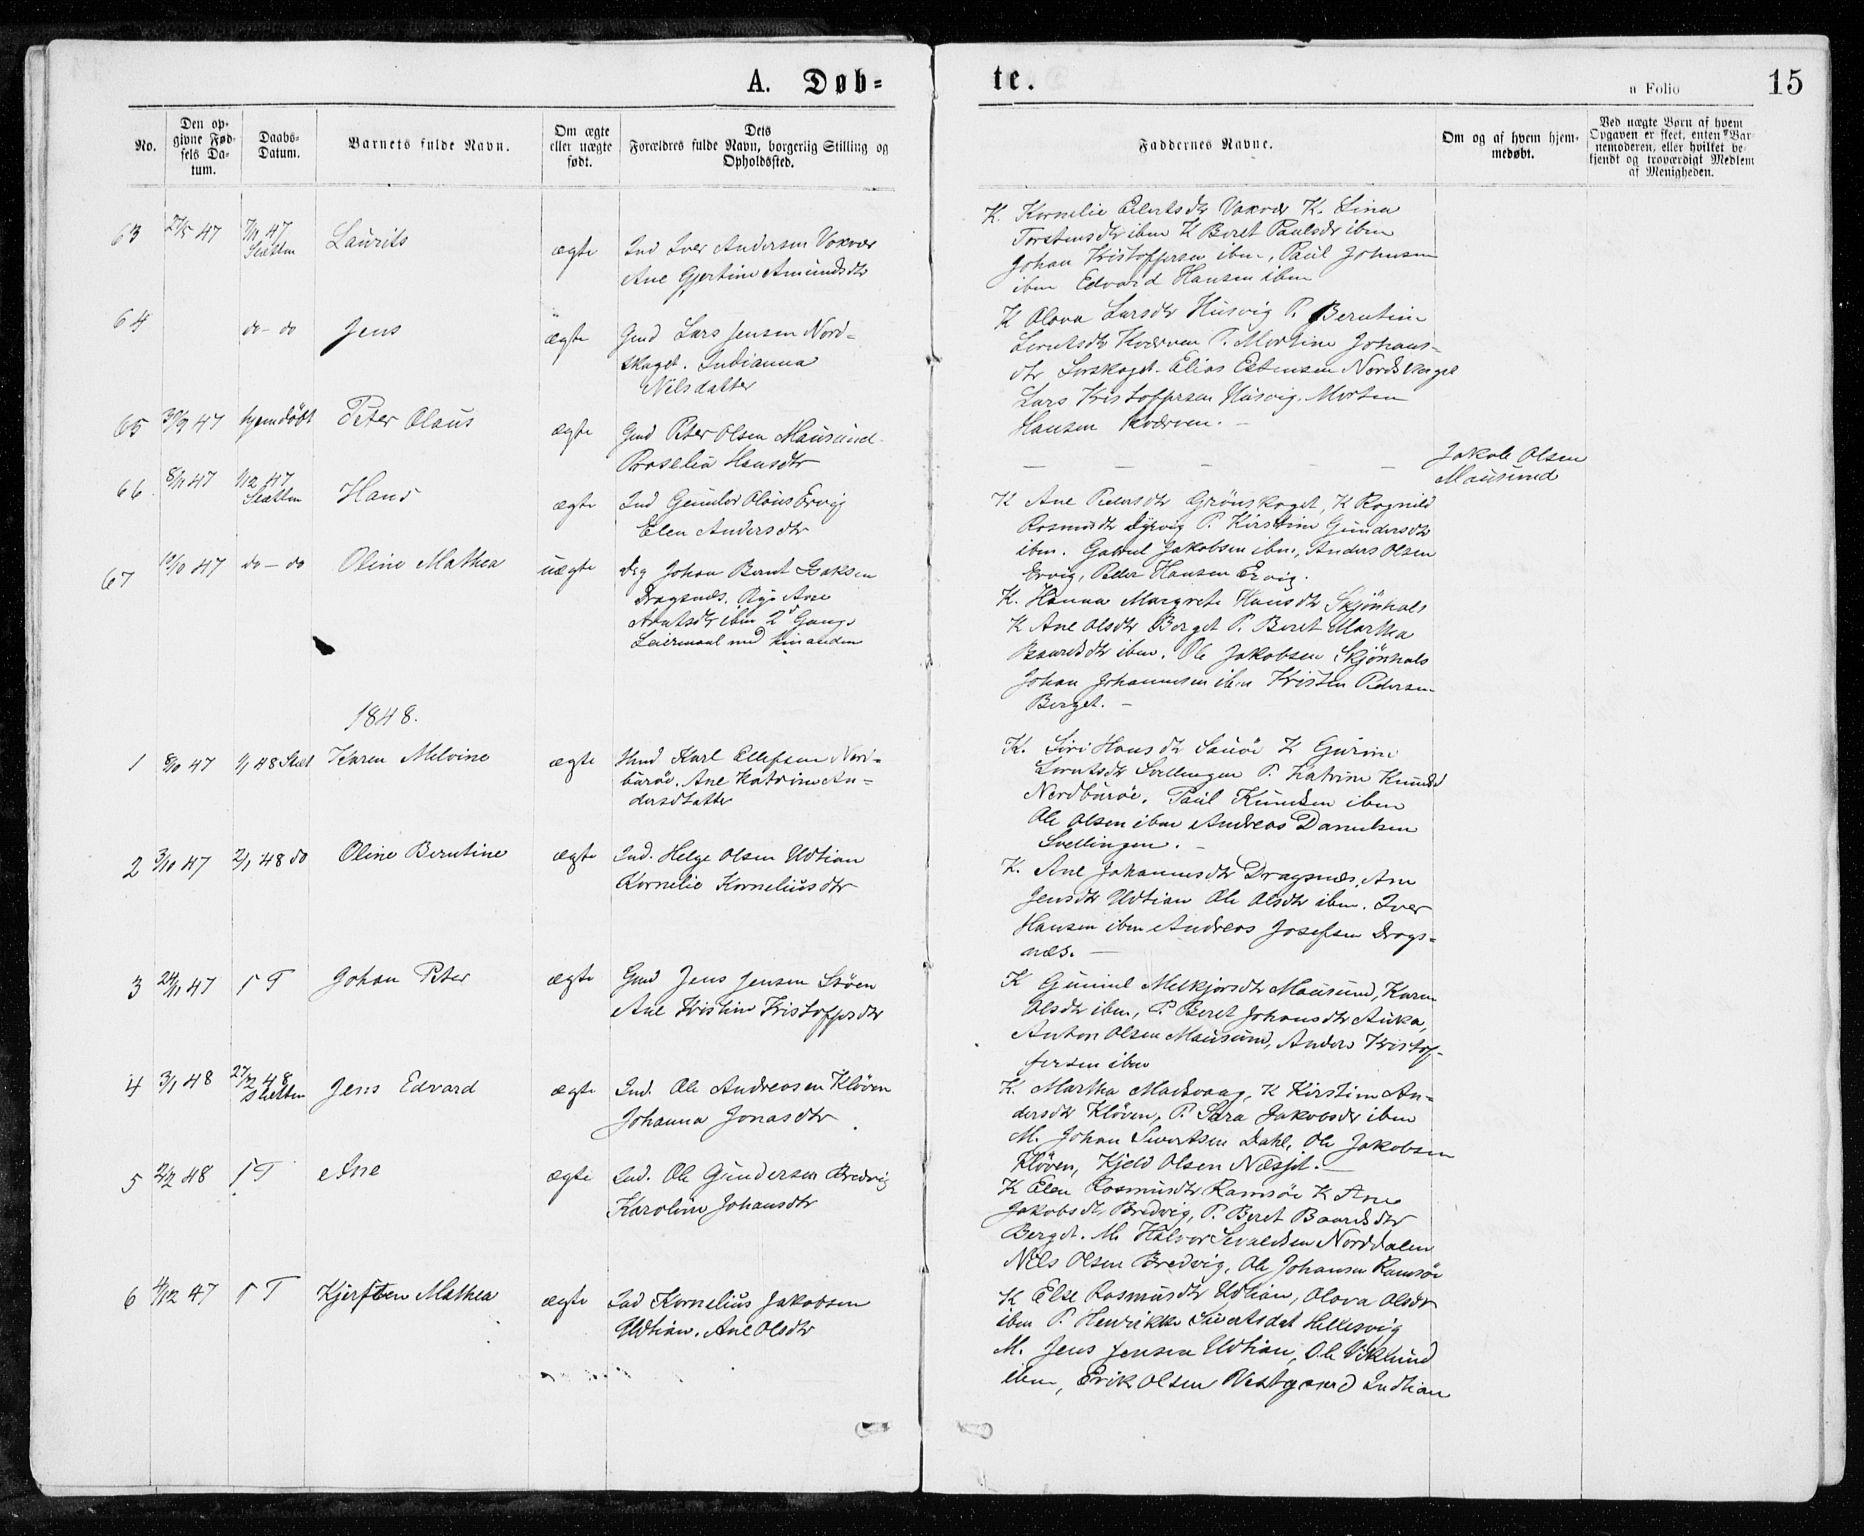 SAT, Ministerialprotokoller, klokkerbøker og fødselsregistre - Sør-Trøndelag, 640/L0576: Ministerialbok nr. 640A01, 1846-1876, s. 15